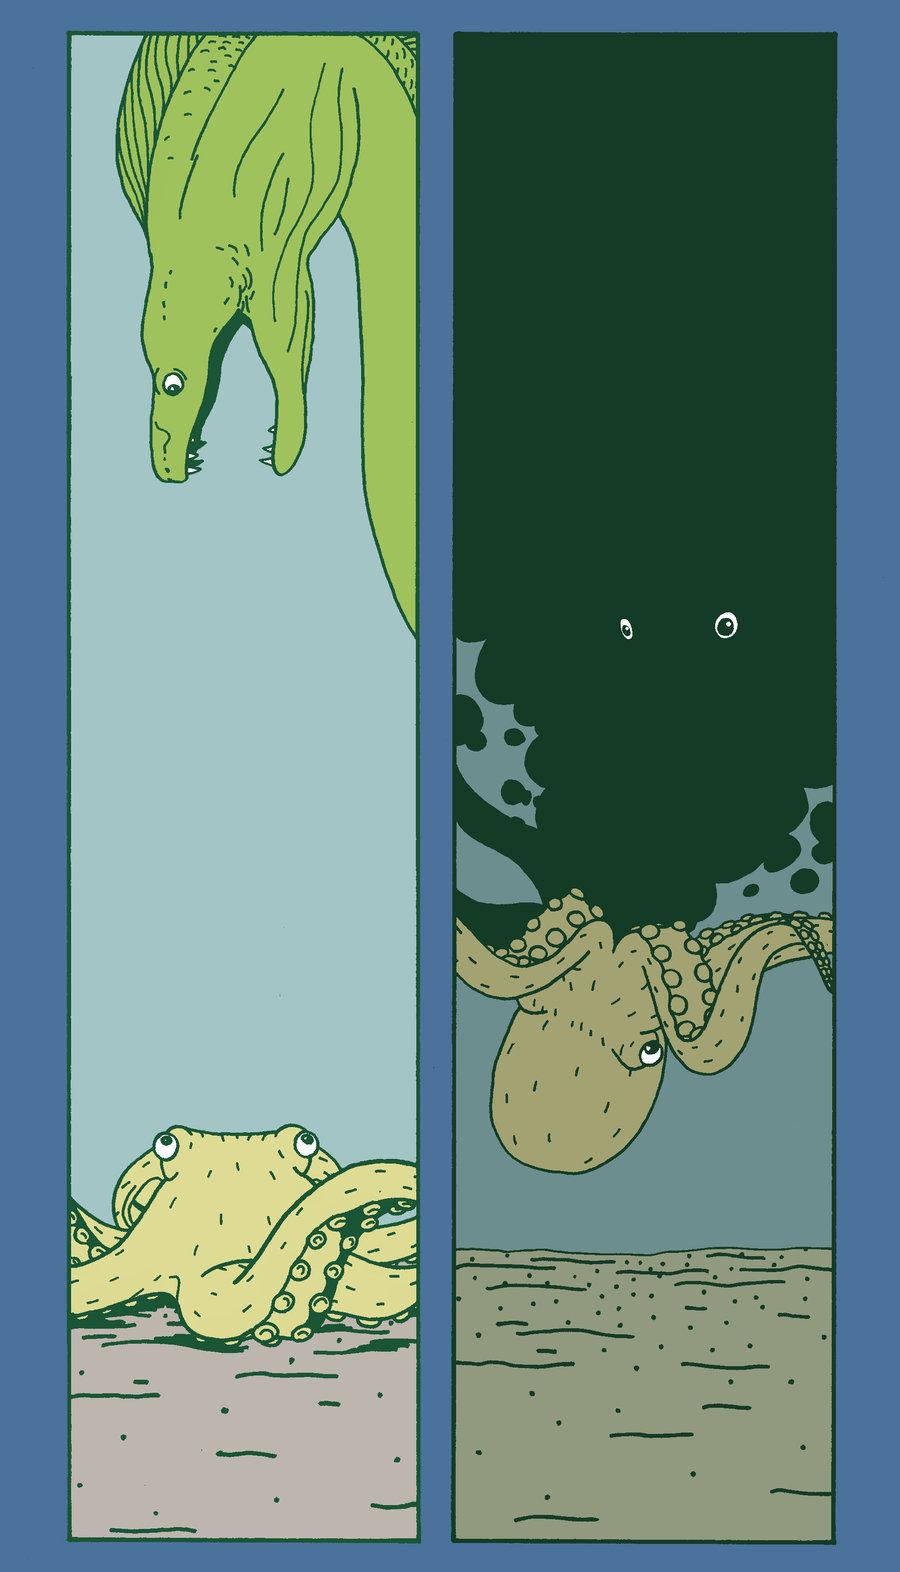 Octopus pg.4